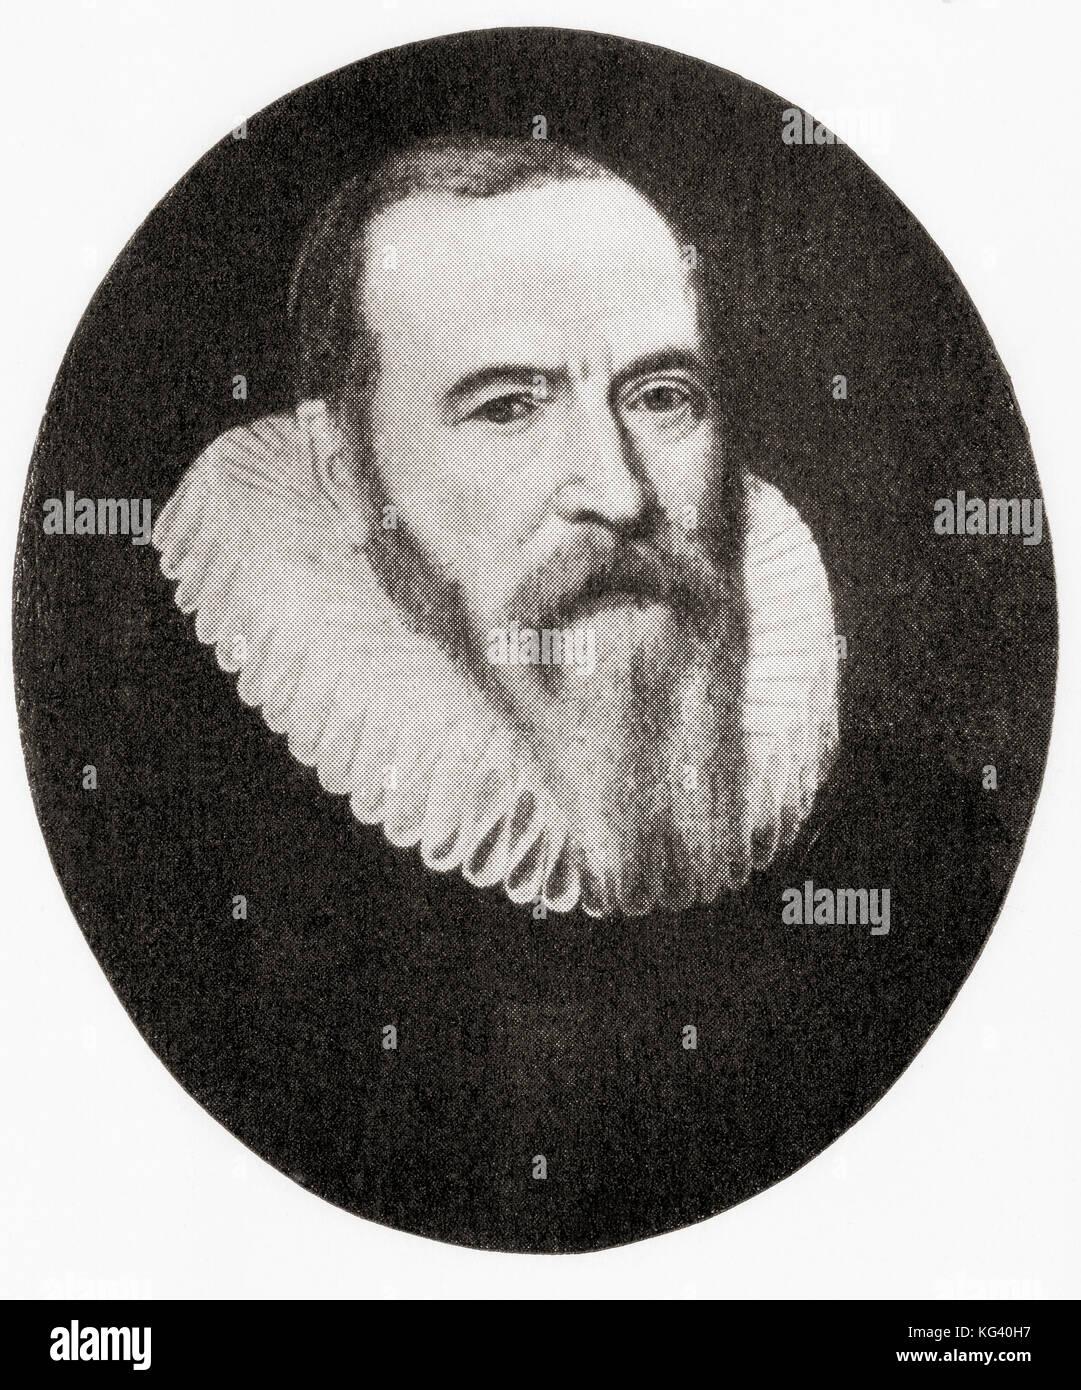 Johan van Oldenbarnevelt, 1547 - 1619. estadista holandés quien jugó un papel importante en la lucha por Imagen De Stock